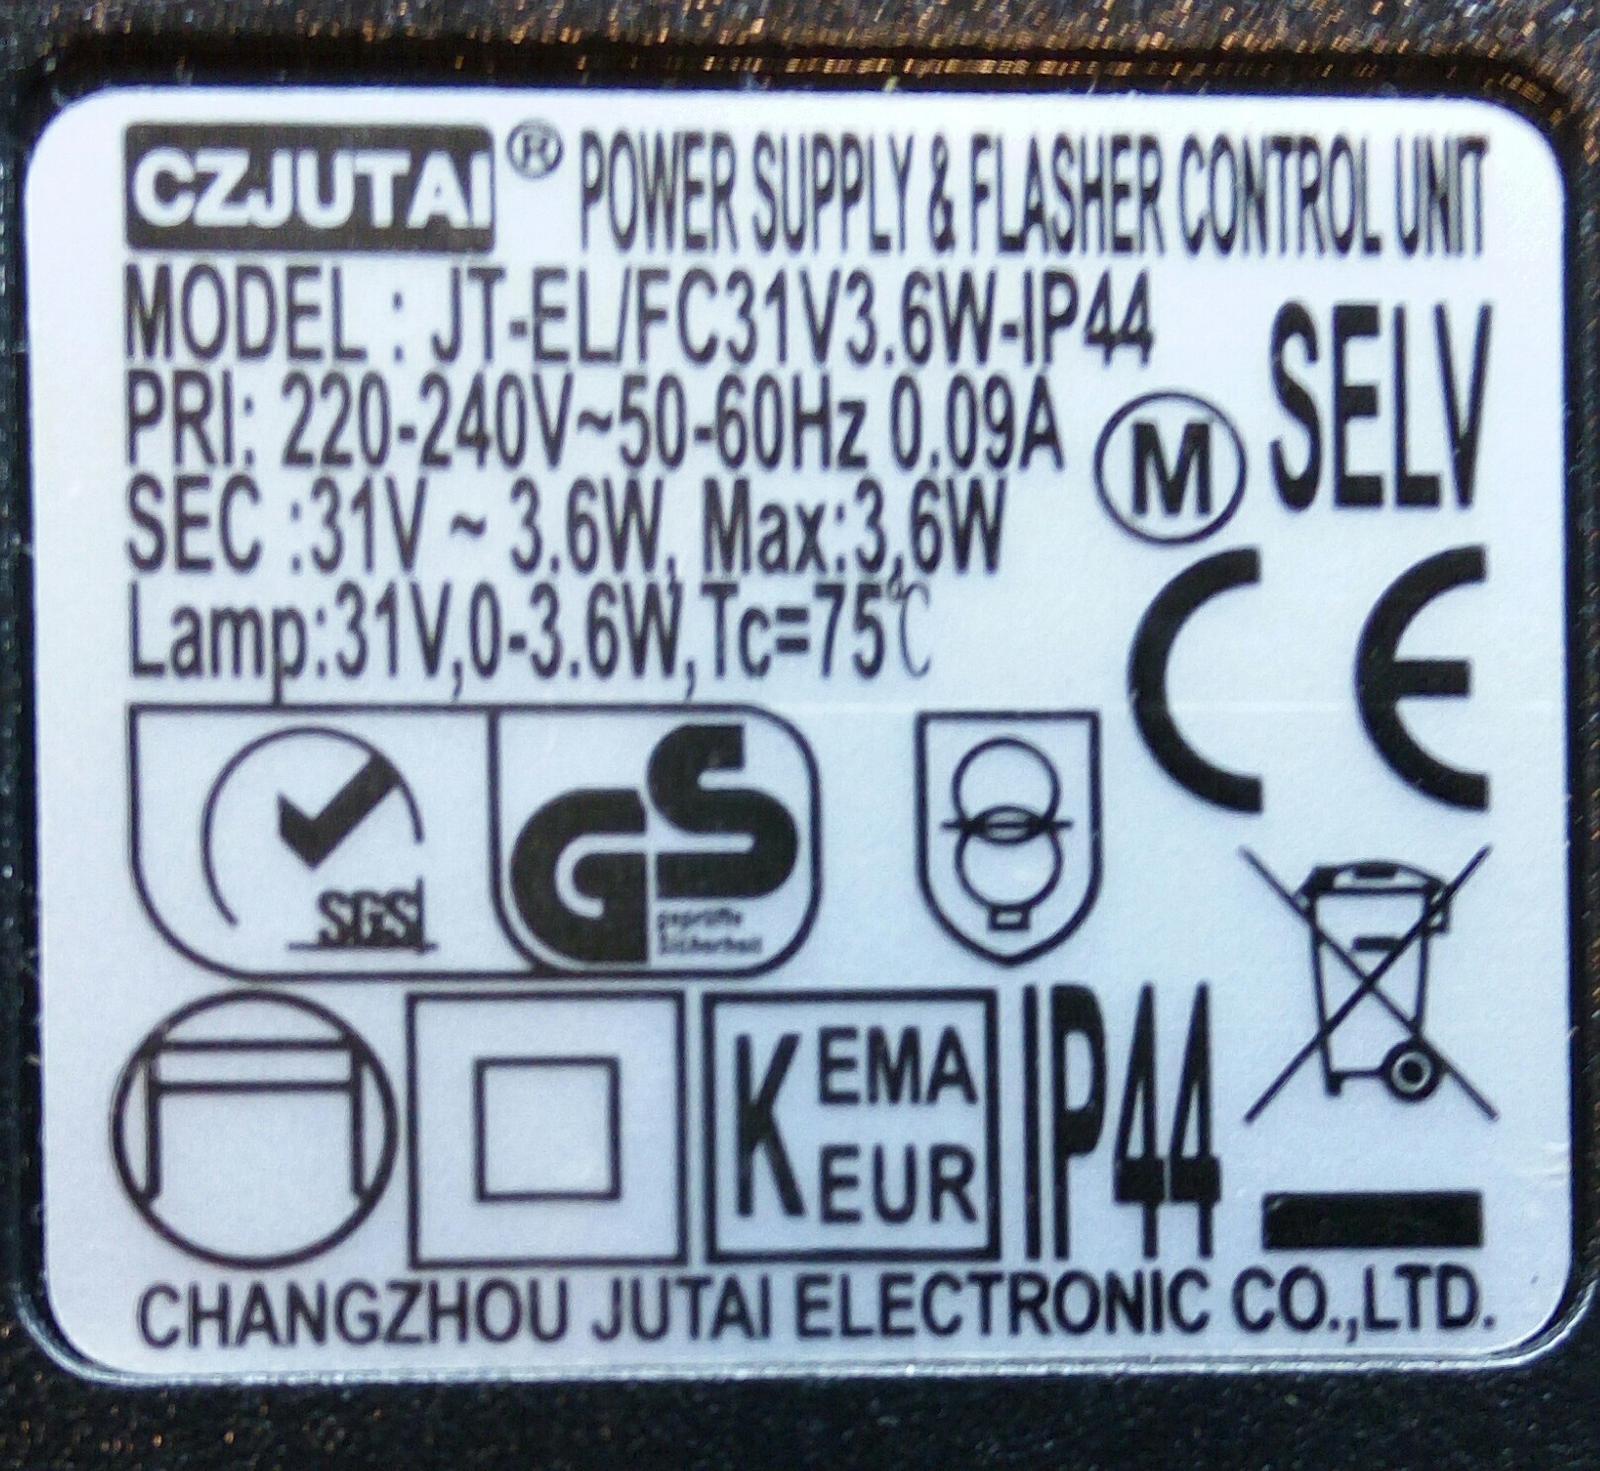 Prosim vas, co ste zdatni v elektrike, kupil som 2 vianocne retaze, jedna ma blikacie mody (7 metrova, ma oznacenie SEC max 3,6W), jedna iba svieti (30 metrova, ma SEC 6W). Mozem napajacie zdroje medzi sebou prehodit (kratsia retaz by svietila, dlhsia blikala), koncovky kablov sedia. - Obrázok č. 1